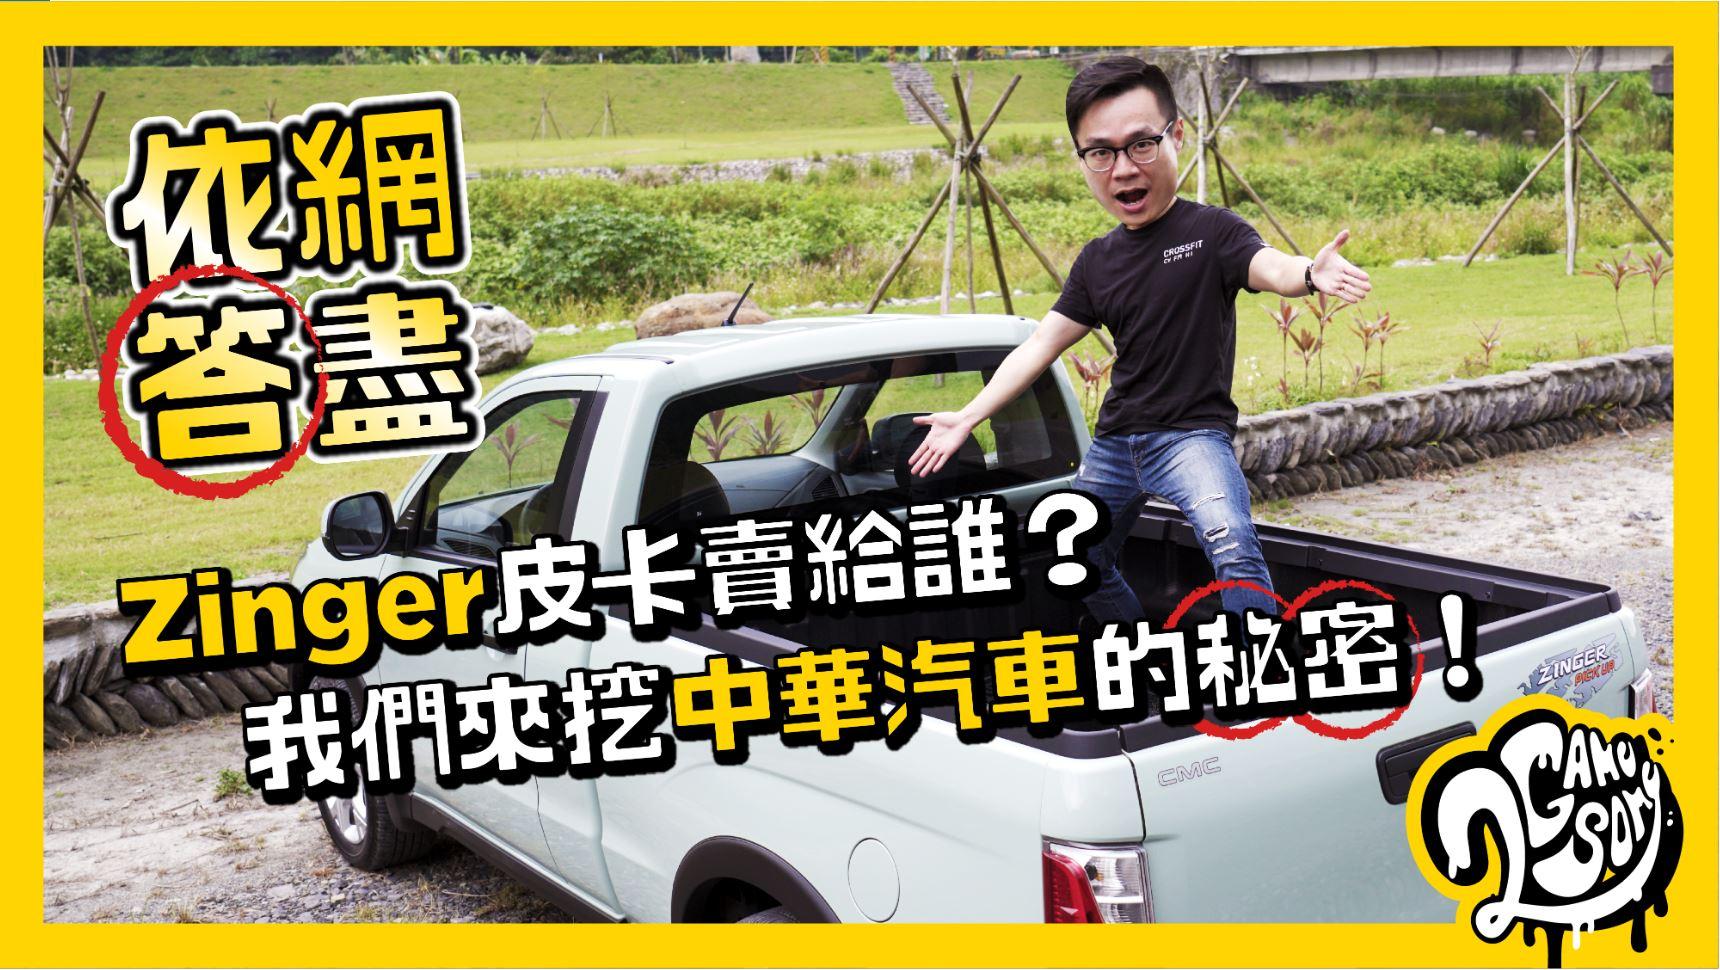 【依網答盡】Zinger 皮卡賣給誰?我們來挖中華汽車的秘密!